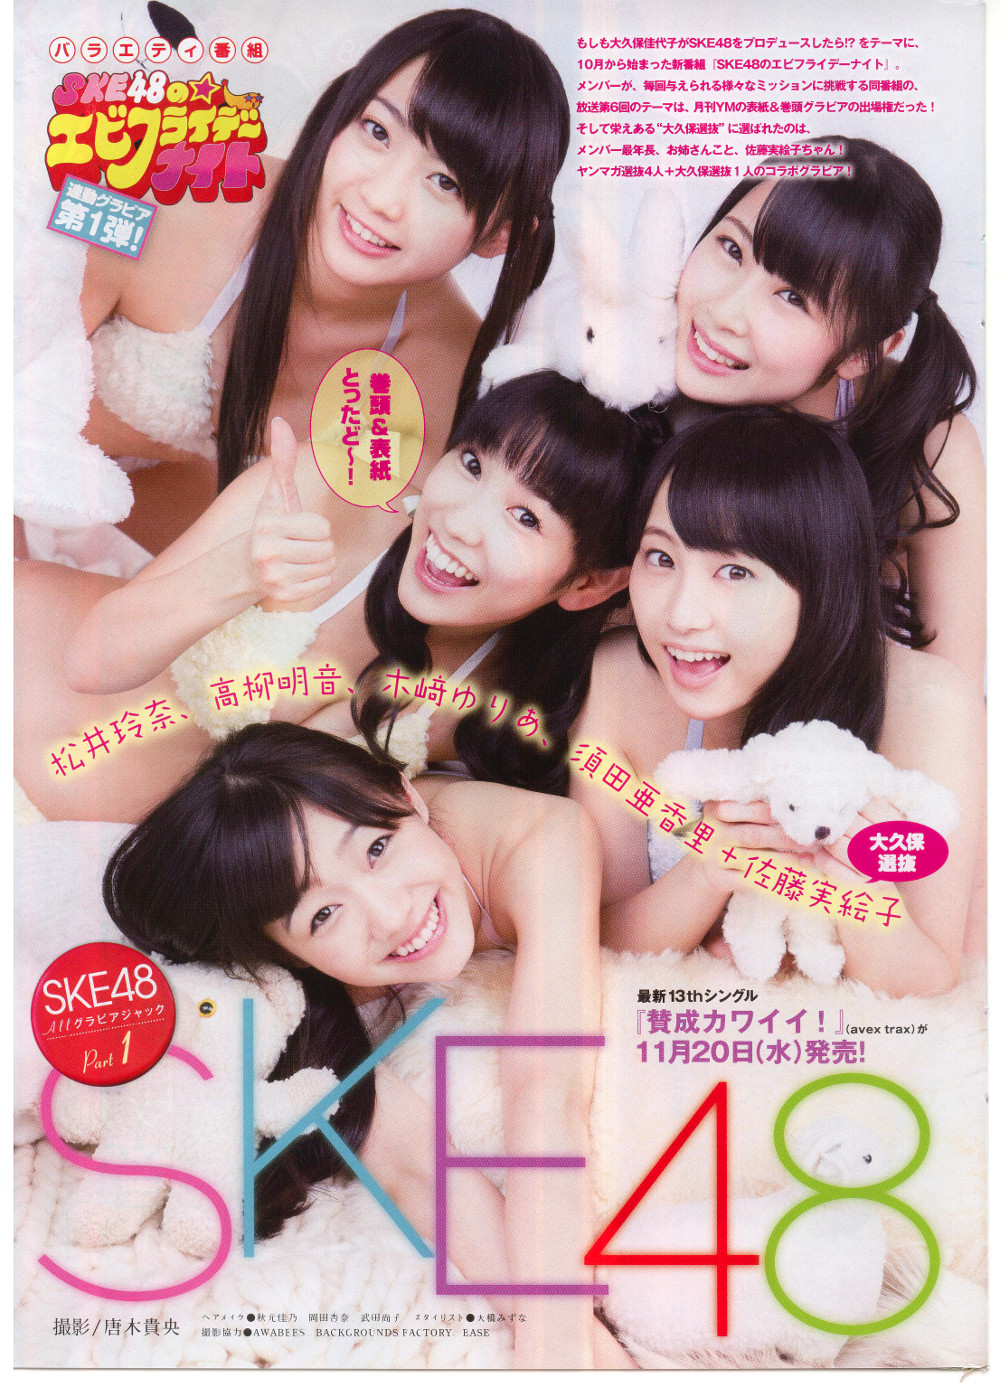 月刊ヤングマガジン2013年12月 SKE48 (1)